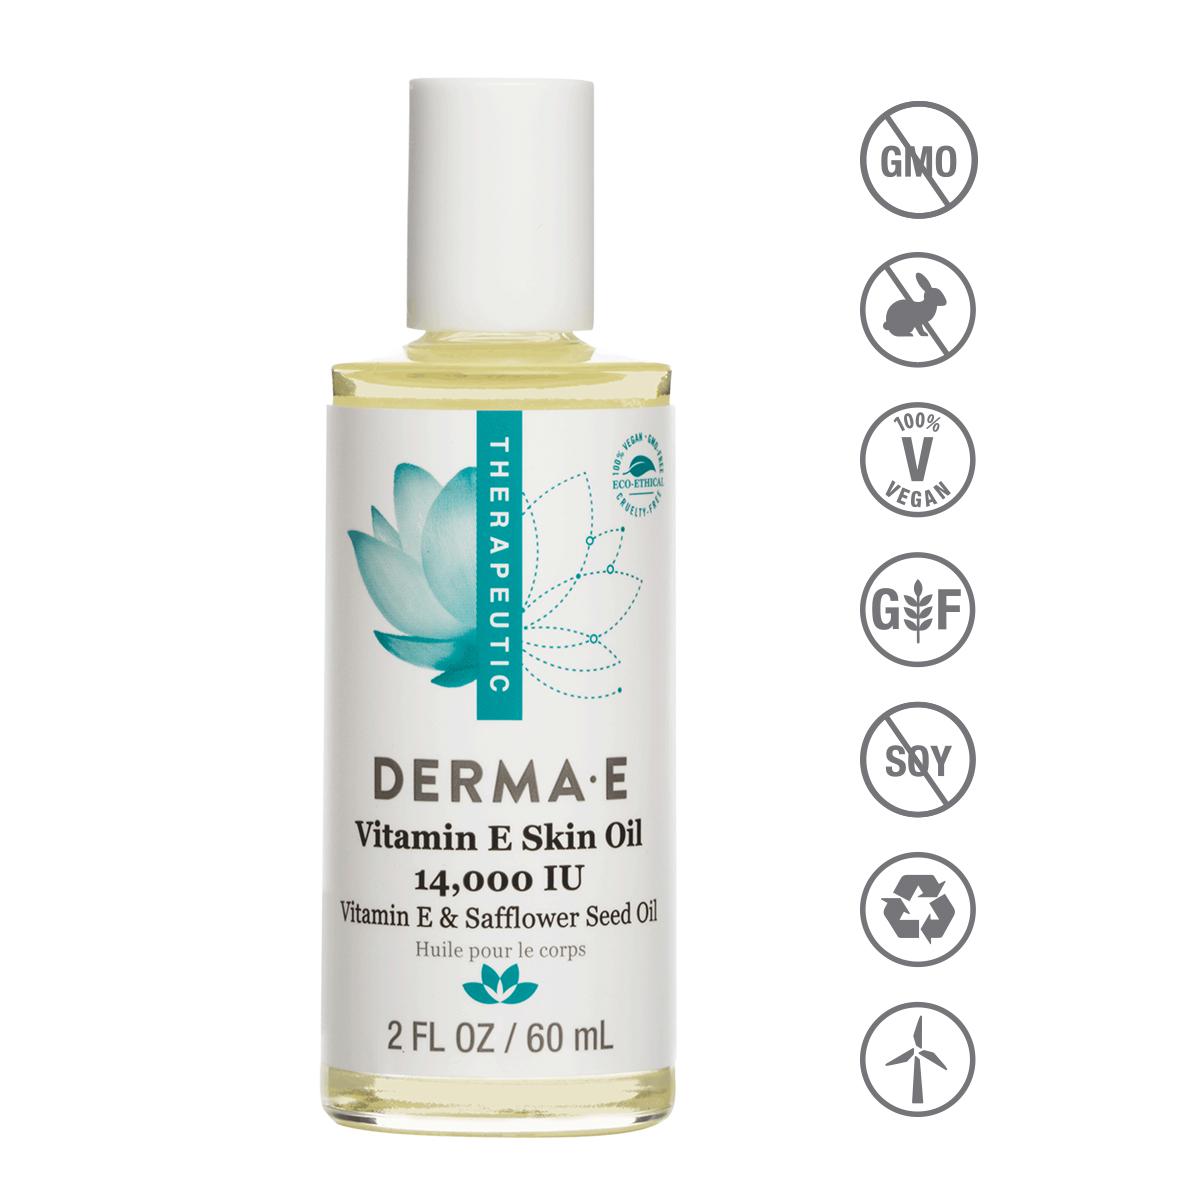 Derma E - E Vitaminli Yağ - 60 mL. Vitamin E Skin Oil 14,000 IU